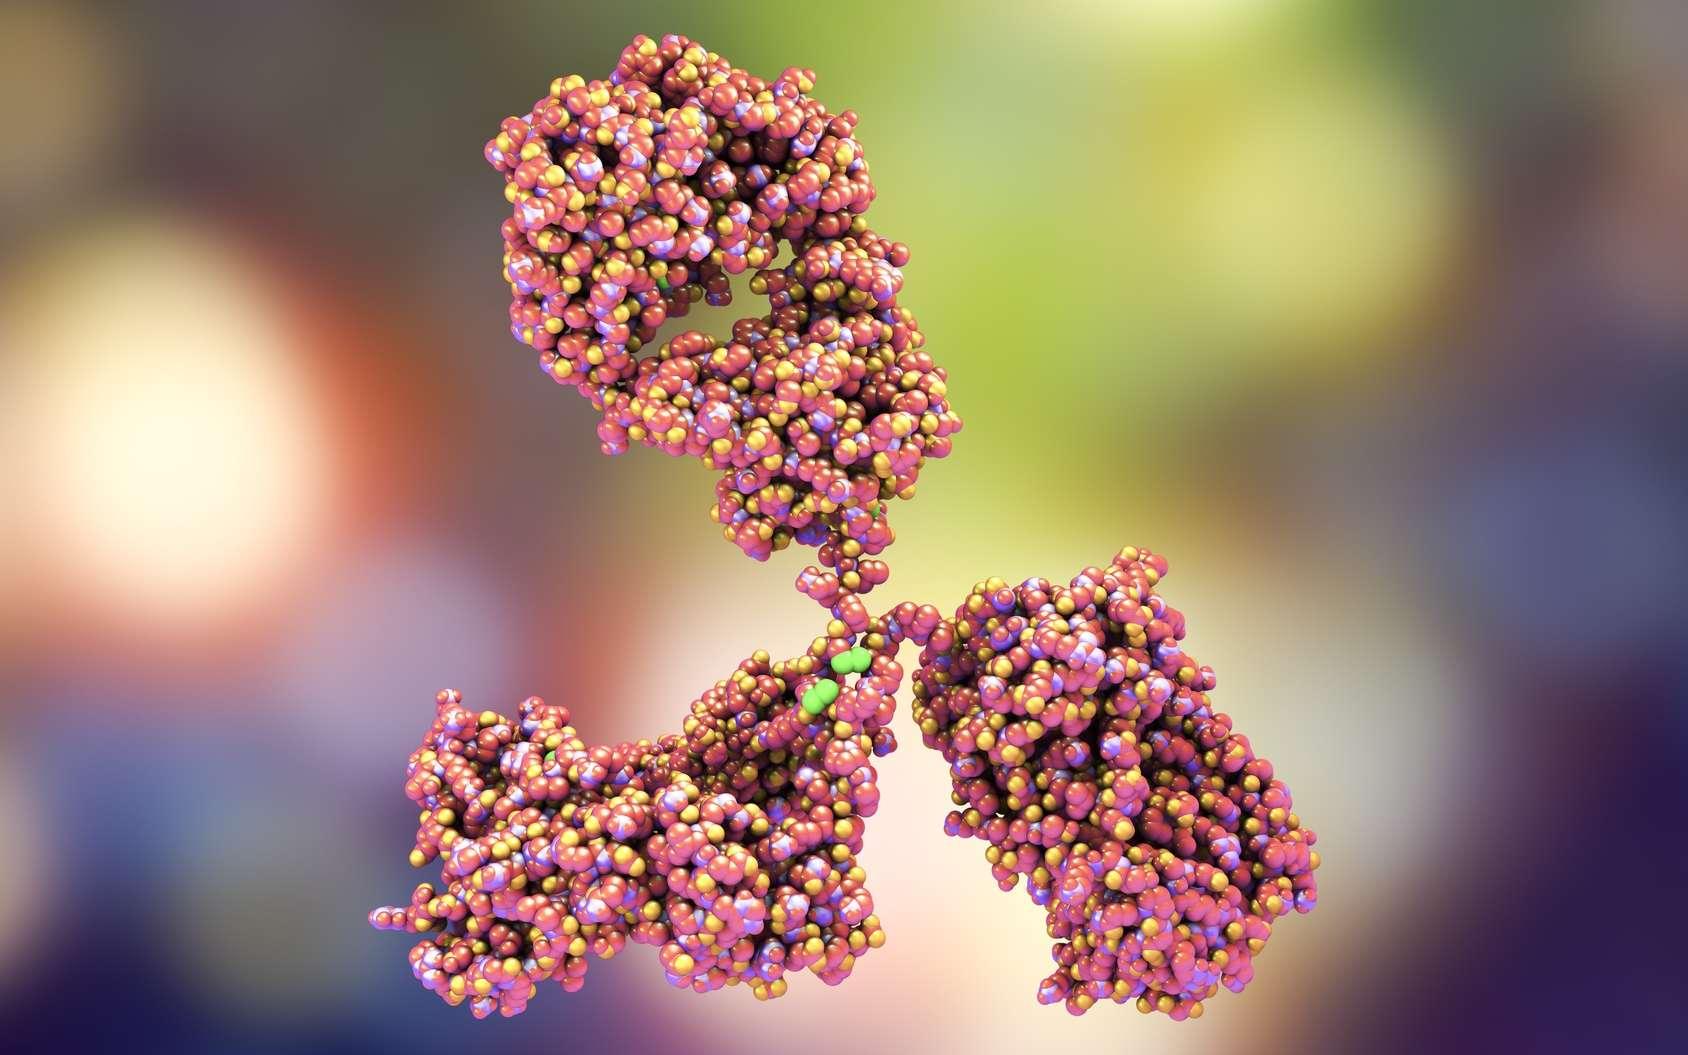 Les anticorps participent à l'immunité acquise par l'organisme. © Kateryna_Kon, Fotolia